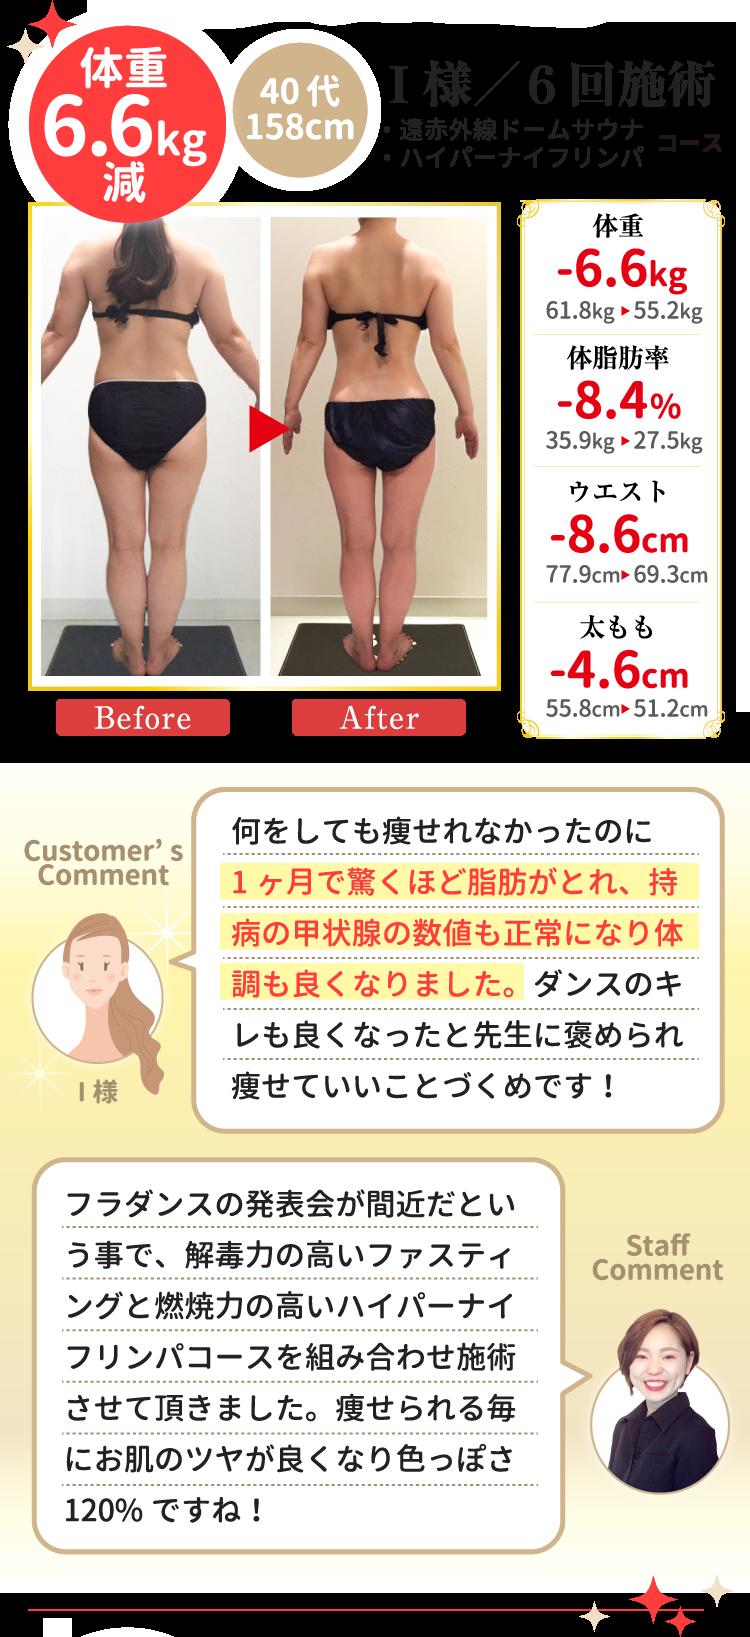 I様/6回施術 40代 158cm 体重6.6kg減・遠赤外線ドームサウナ・ハイパーナイフリンパコース 体脂肪率-8.4% ウエスト -8.6cm 太もも -4.6cm (お客様コメント)何をしても痩せれなかったのに1ヶ月で驚くほど脂肪がとれ、持病の甲状腺の数値も正常になり体調も良くなりました。ダンスのキレも良くなったと先生に褒められ痩せていいことづくめです! (スタッフコメント)フラダンスの発表会が間近だという事で、解毒力の高いファスティングと燃焼力の高いハイパーナイフリンパコースを組み合わせ施術させて頂きました。痩せられる毎にお肌のツヤが良くなり色っぽさ120%ですね!